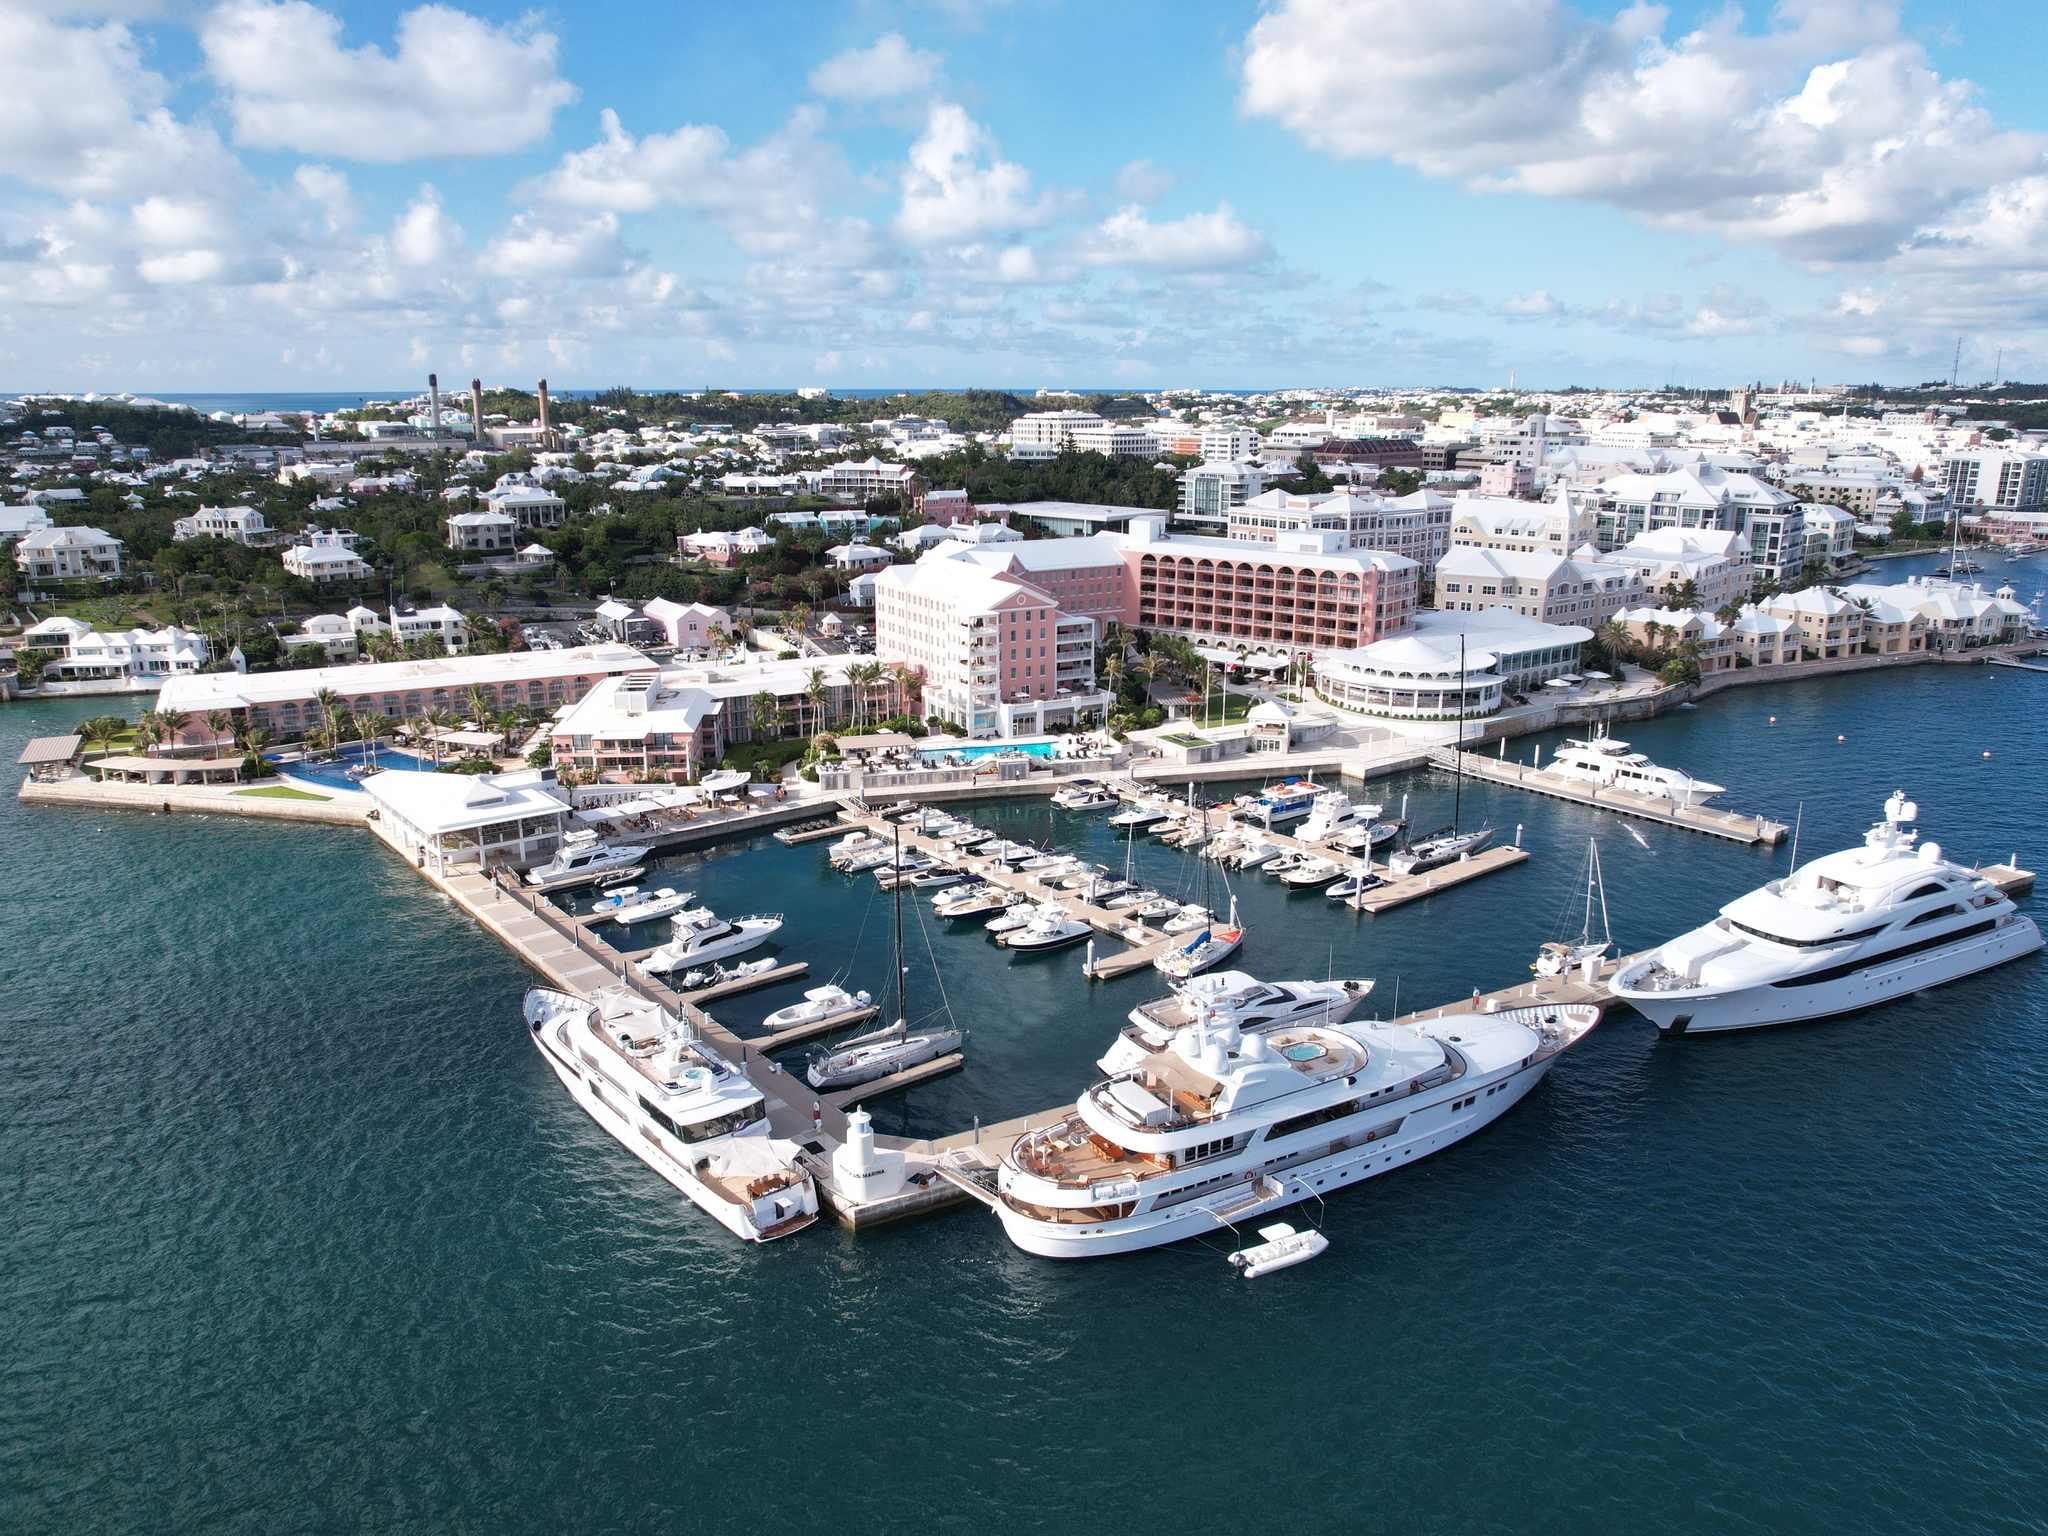 Hôtel - Hamilton Princess & Beach Club - A Fairmont Managed Hotel